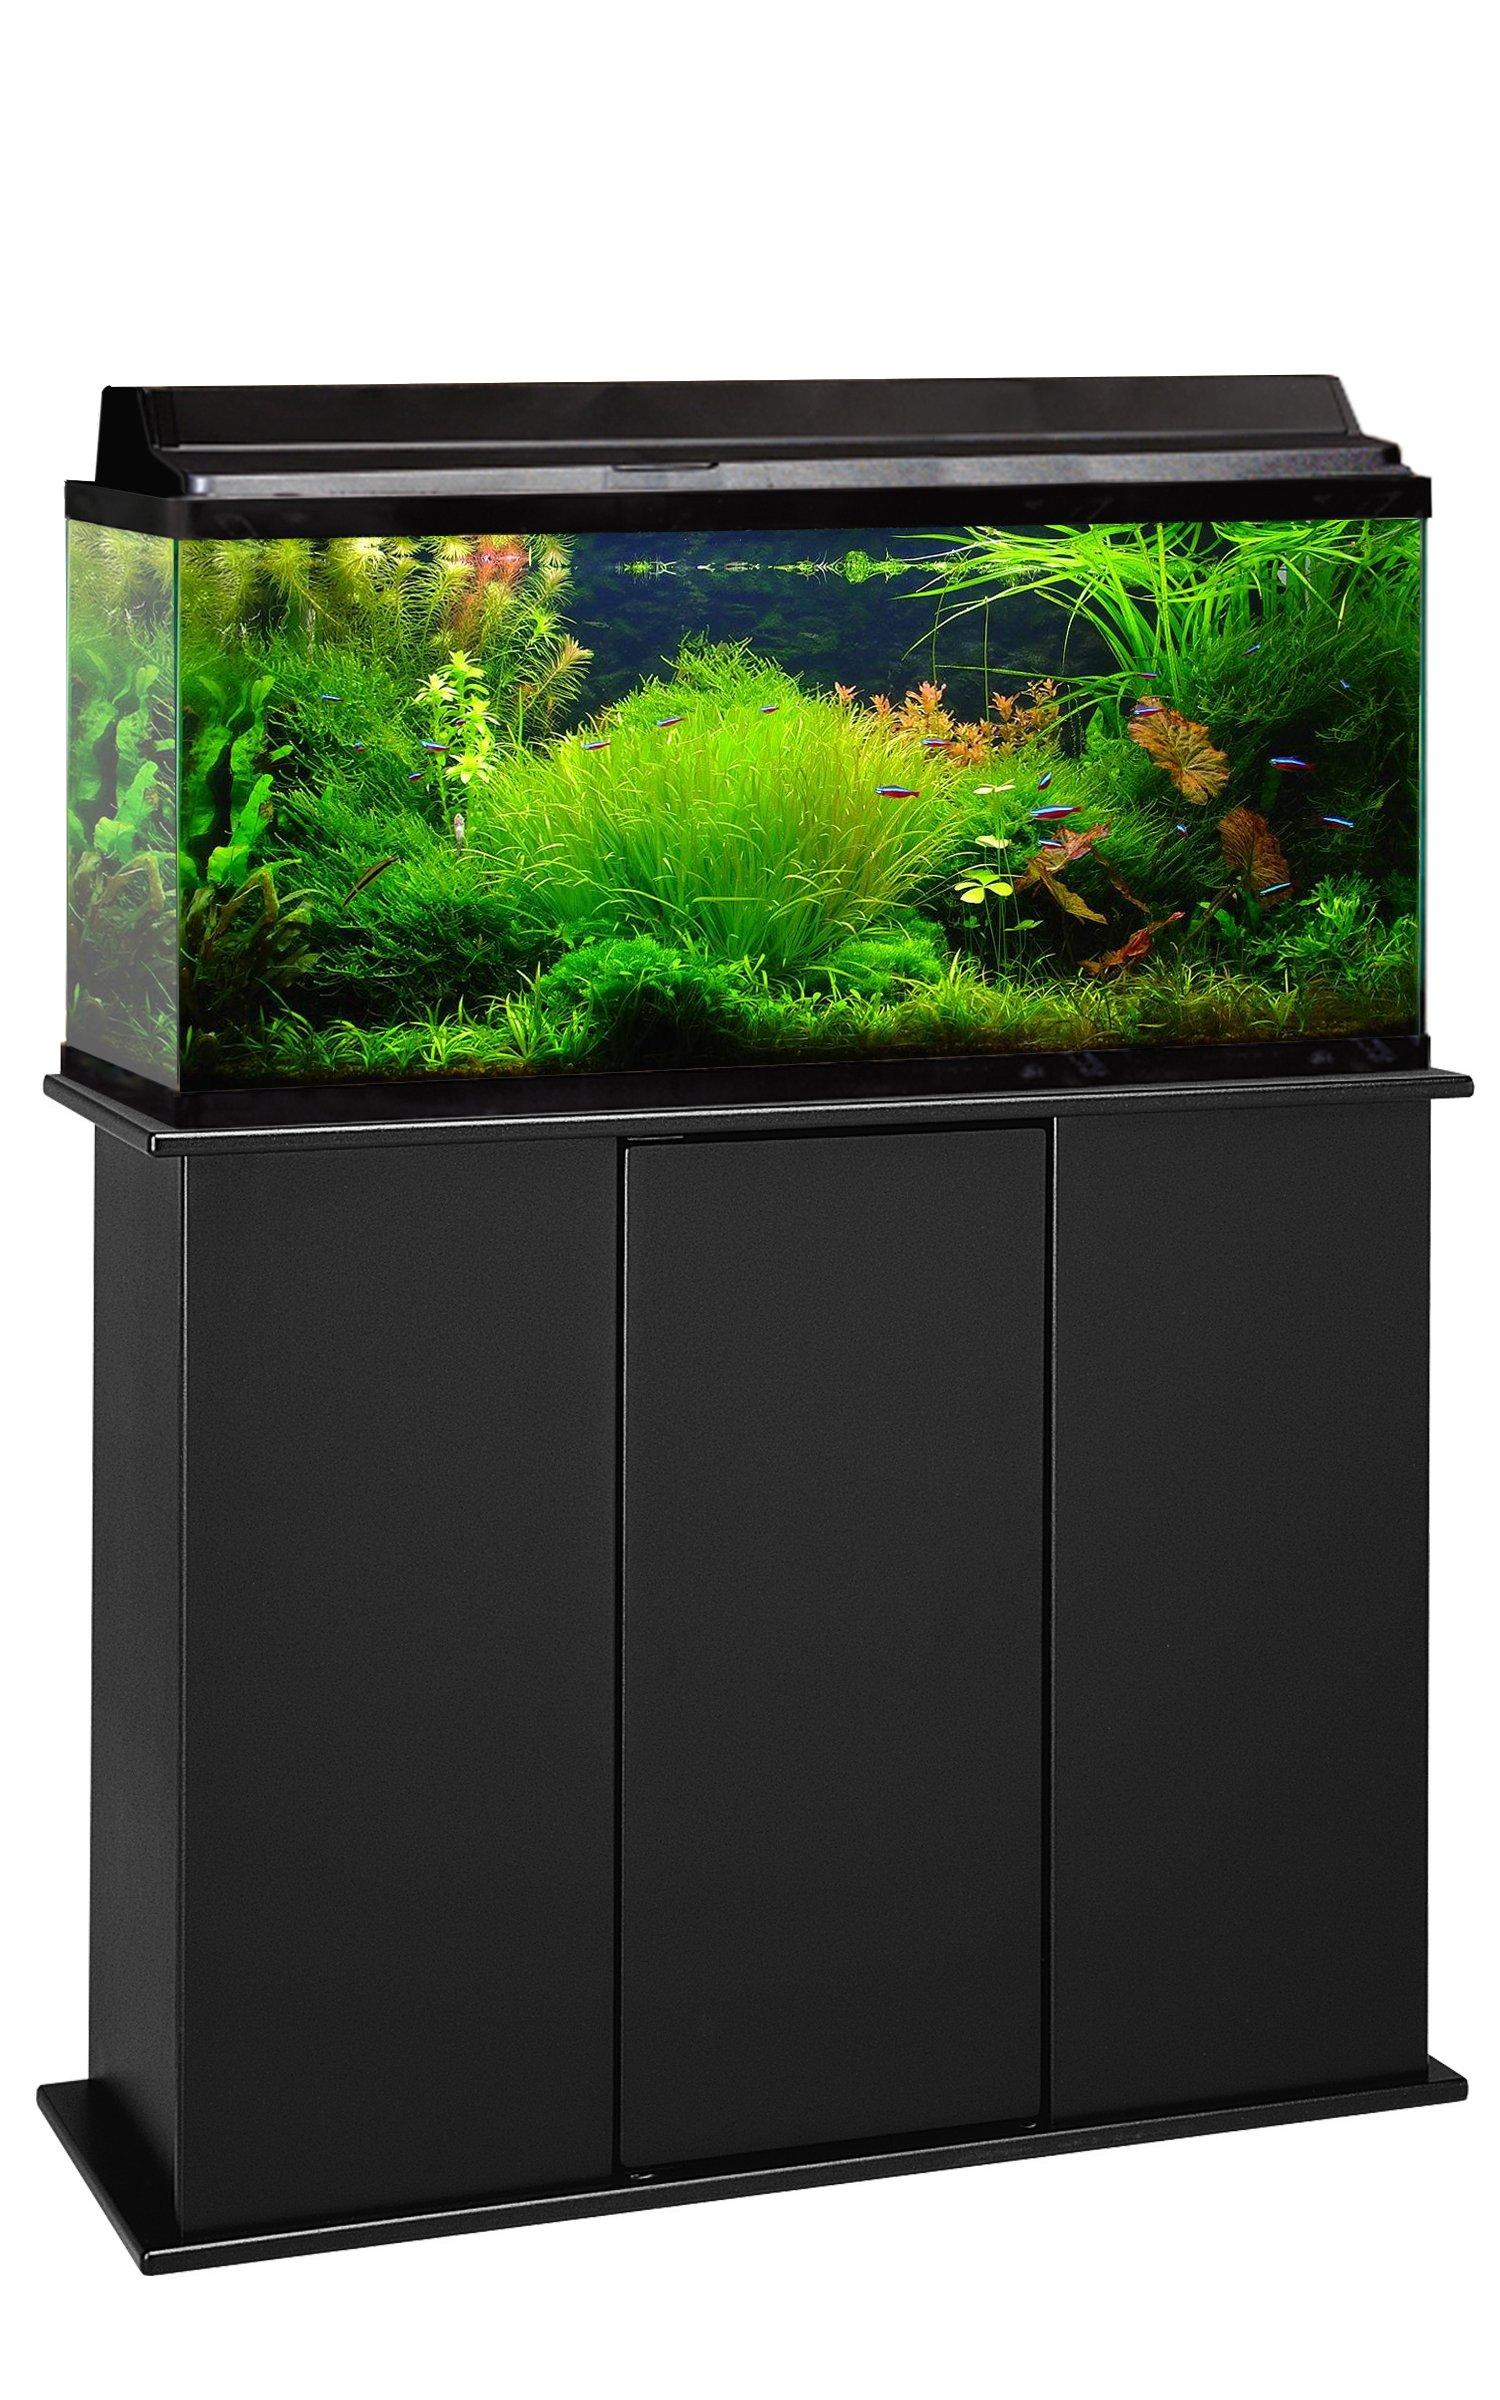 Aquatic Fundamentals AMZ-16301 Aquarium Stand, Upright, Black by Aquatic Fundamentals